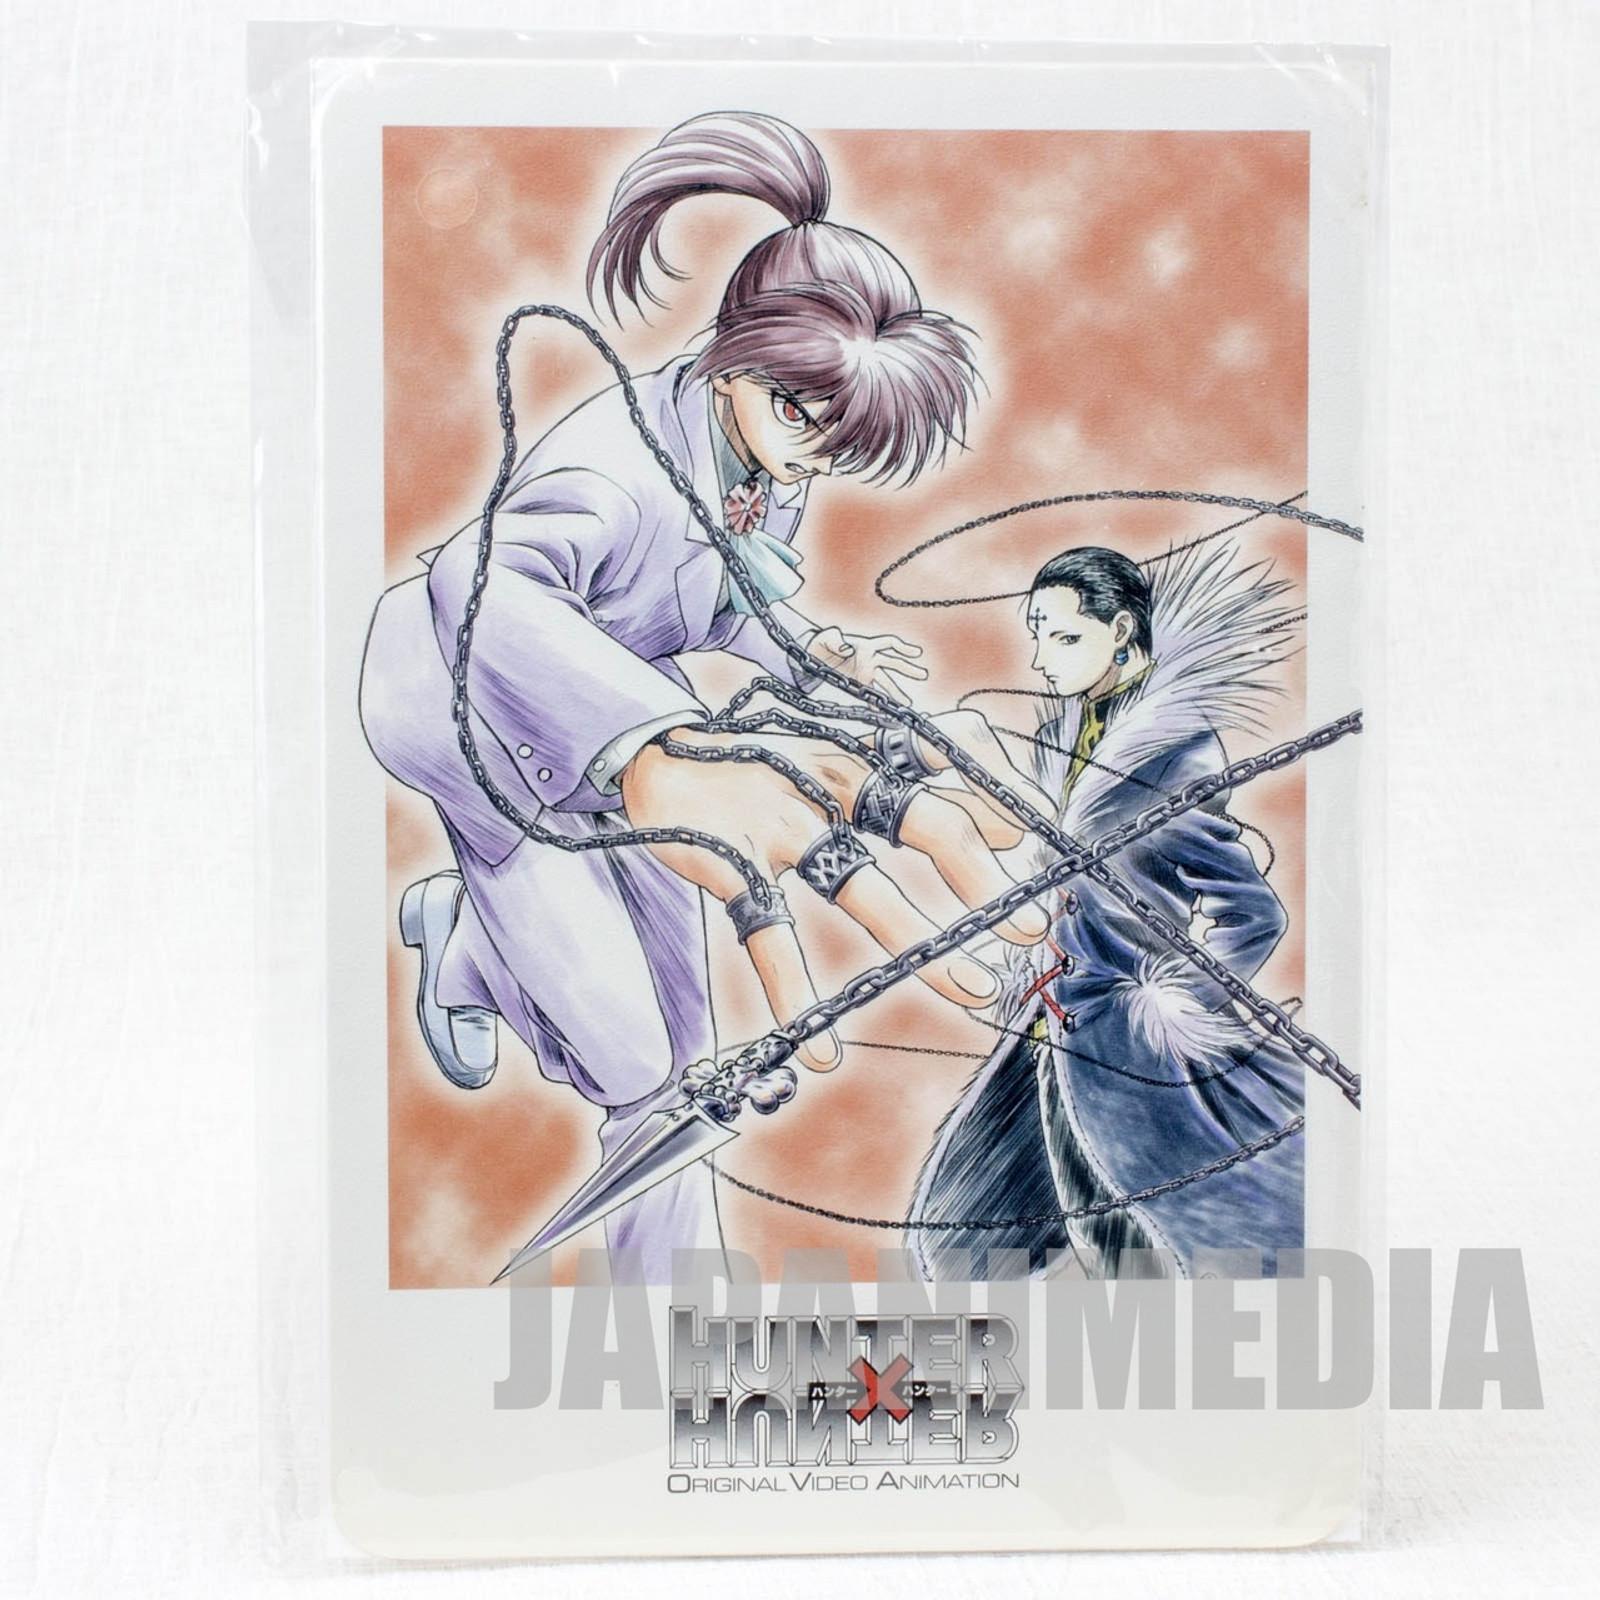 Hunter x Hunter Kurapika & Chrollo Jumbo Card Paddass BANDAI JAPAN ANIME MANGA